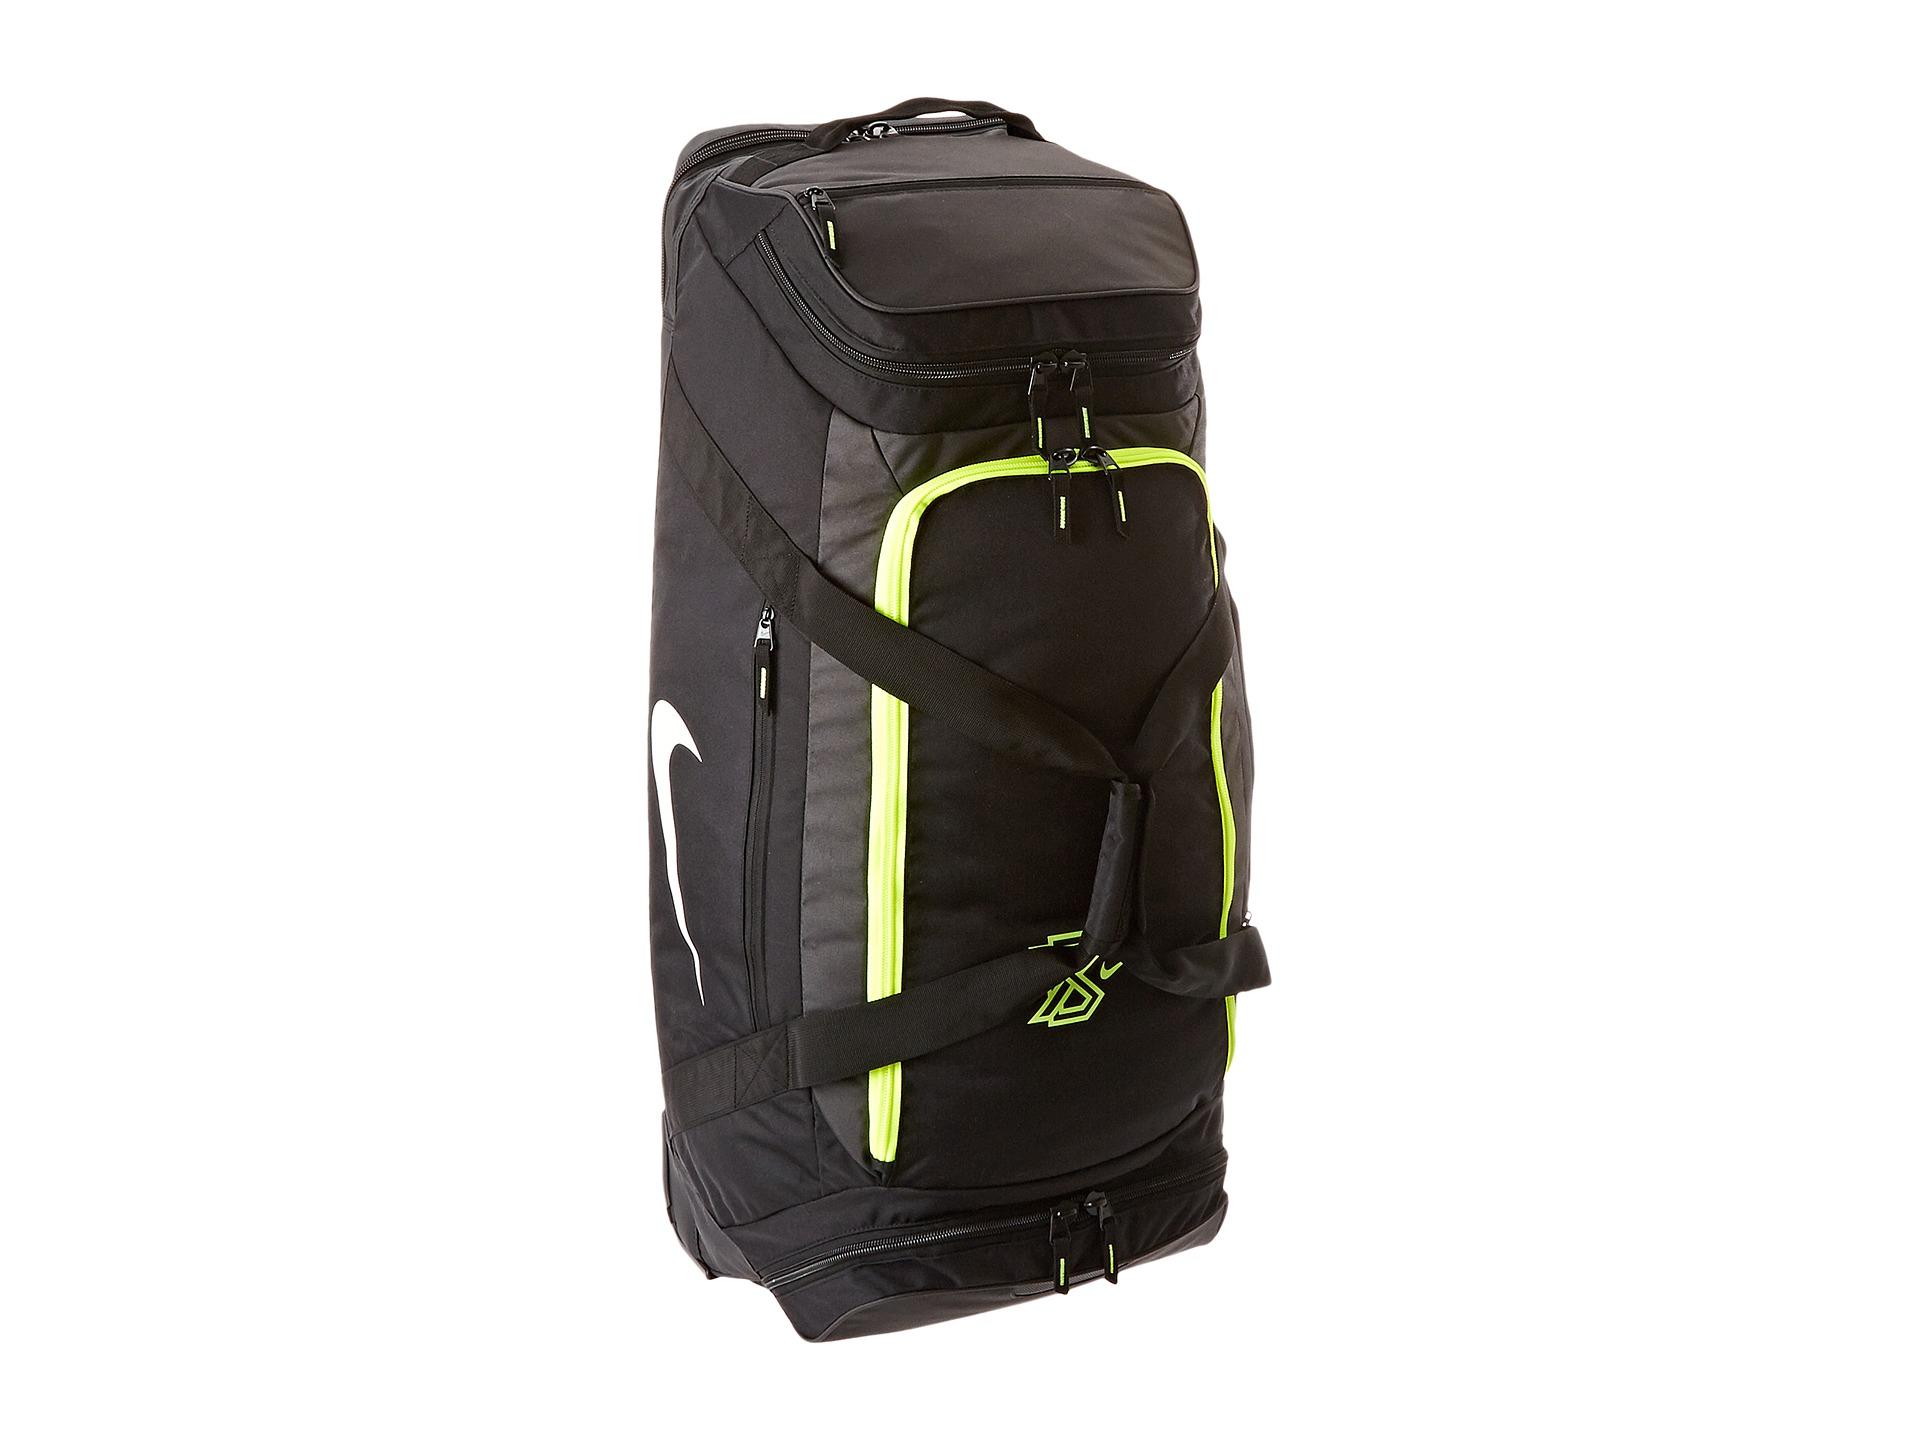 Mvp Elite Roller Bag